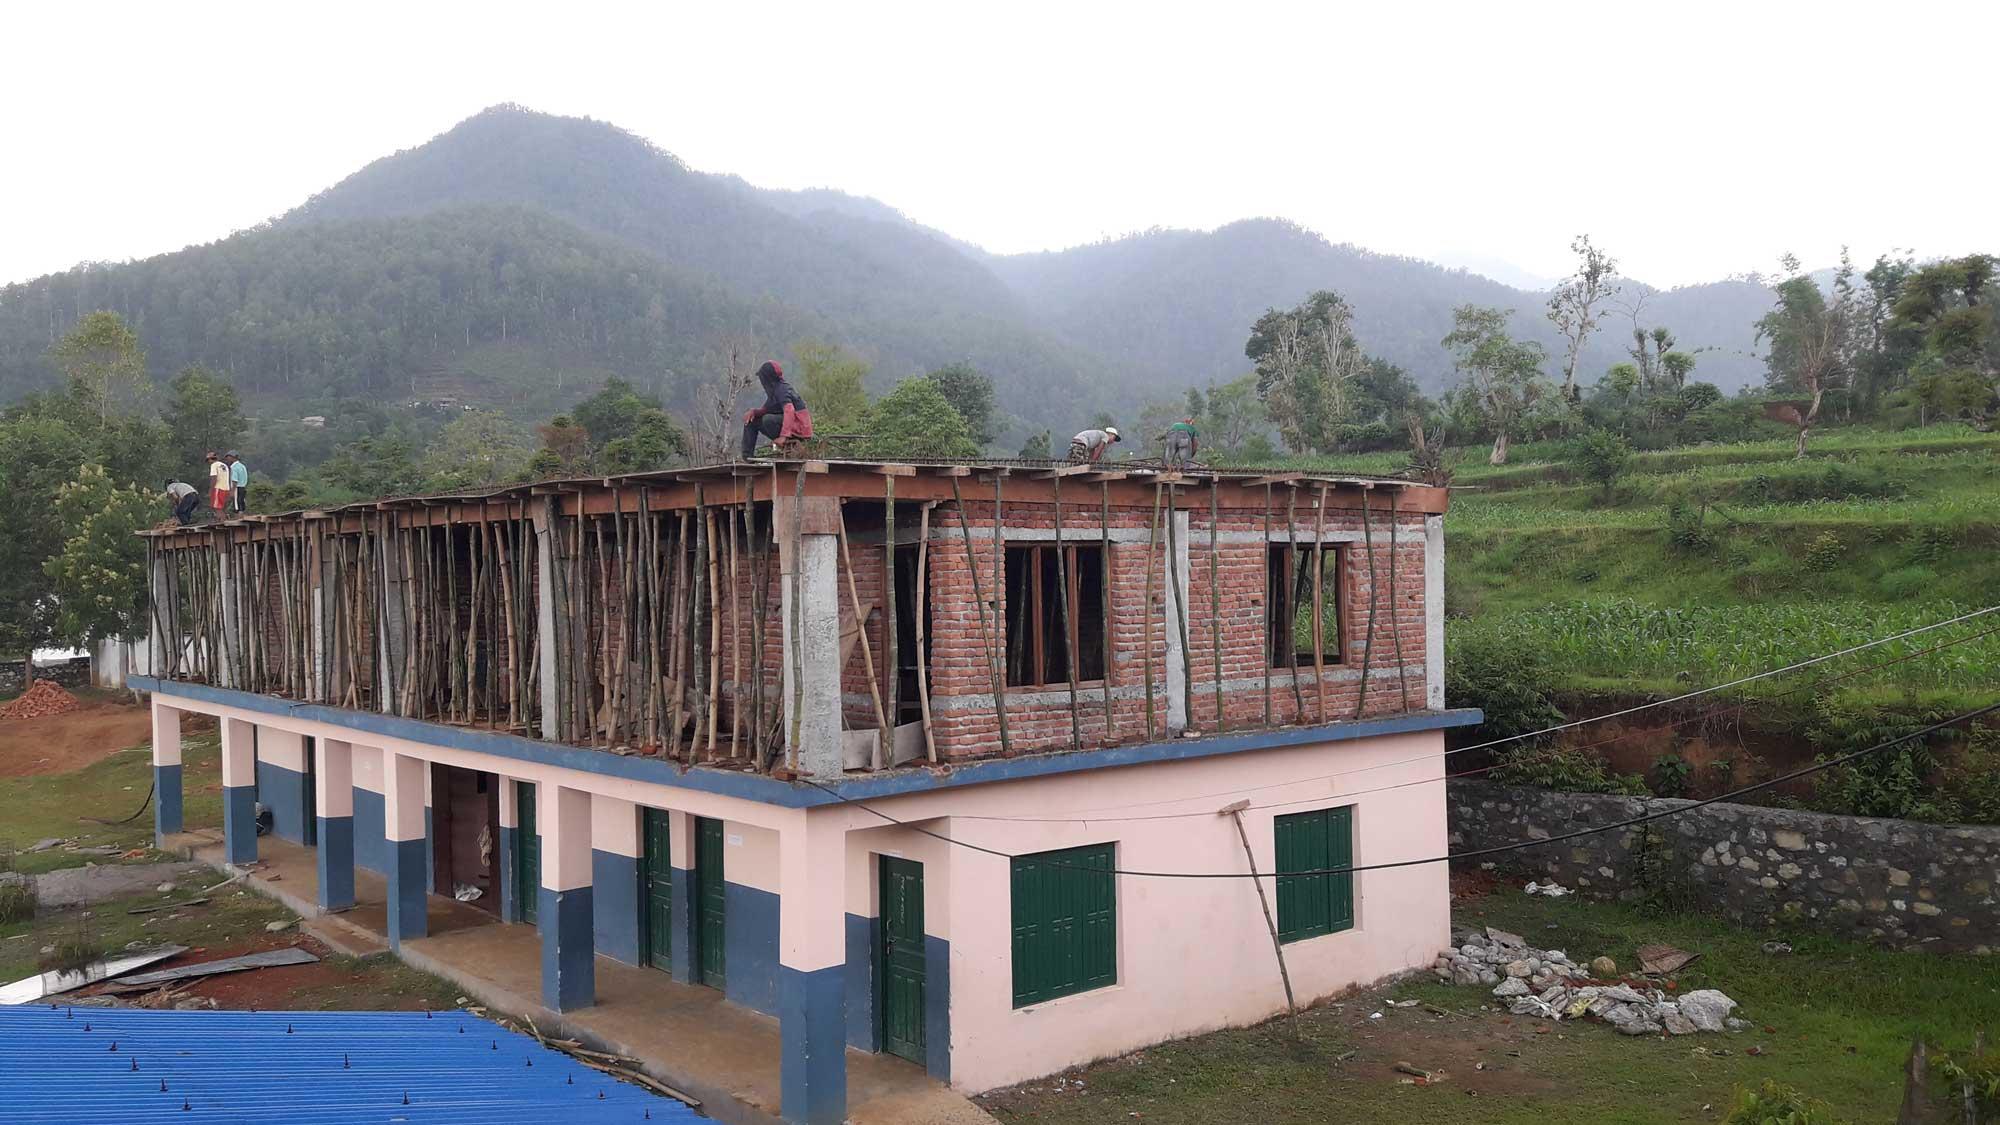 Continua amb èxit la construcció de l'escola de Kyamin